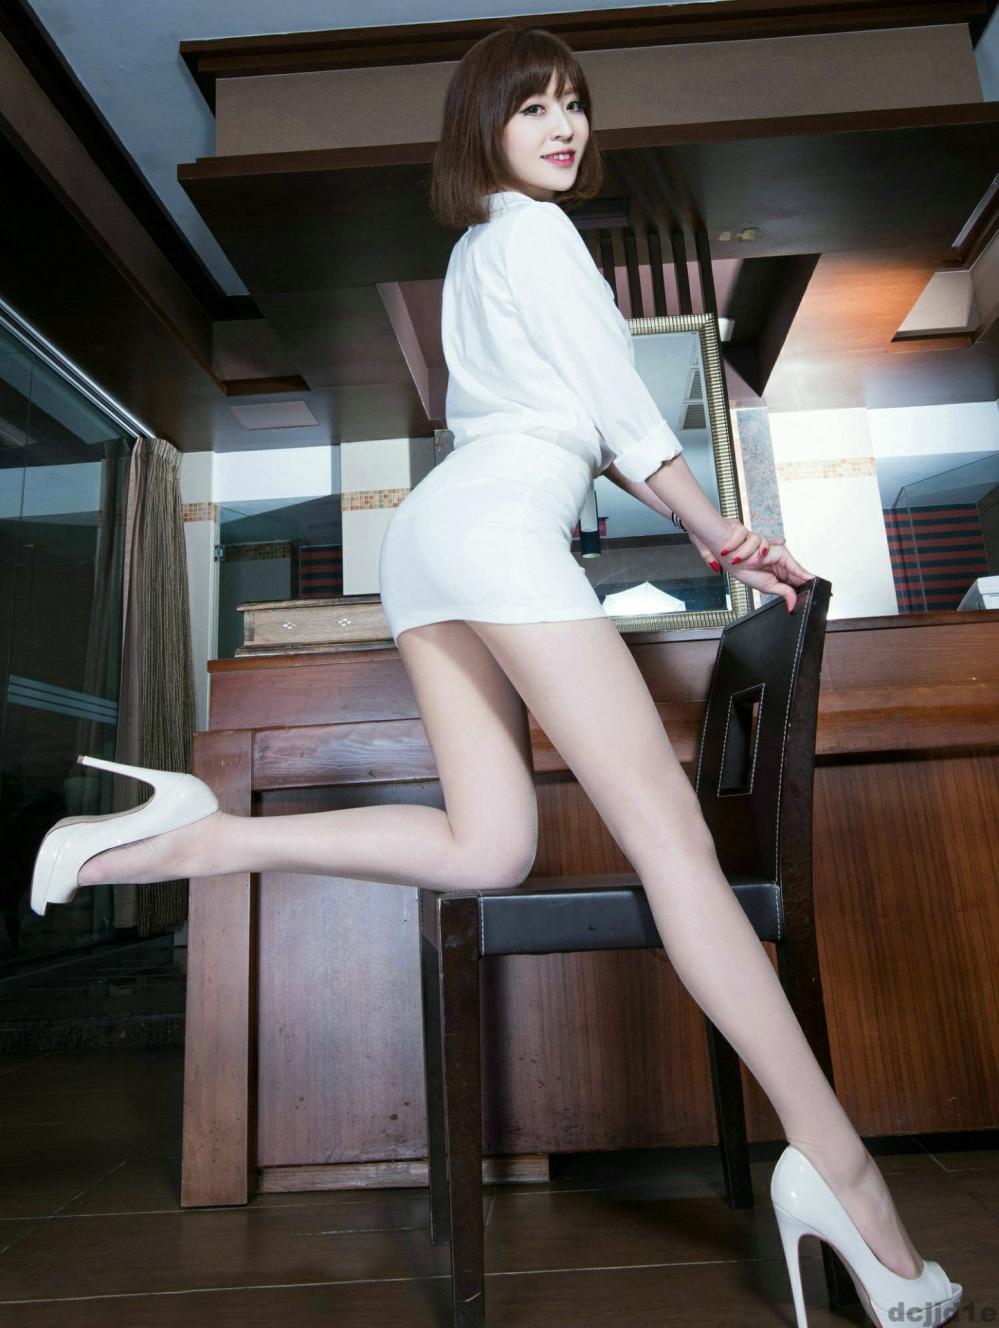 包臀裙修饰曼妙身材, 显俏美与众不同